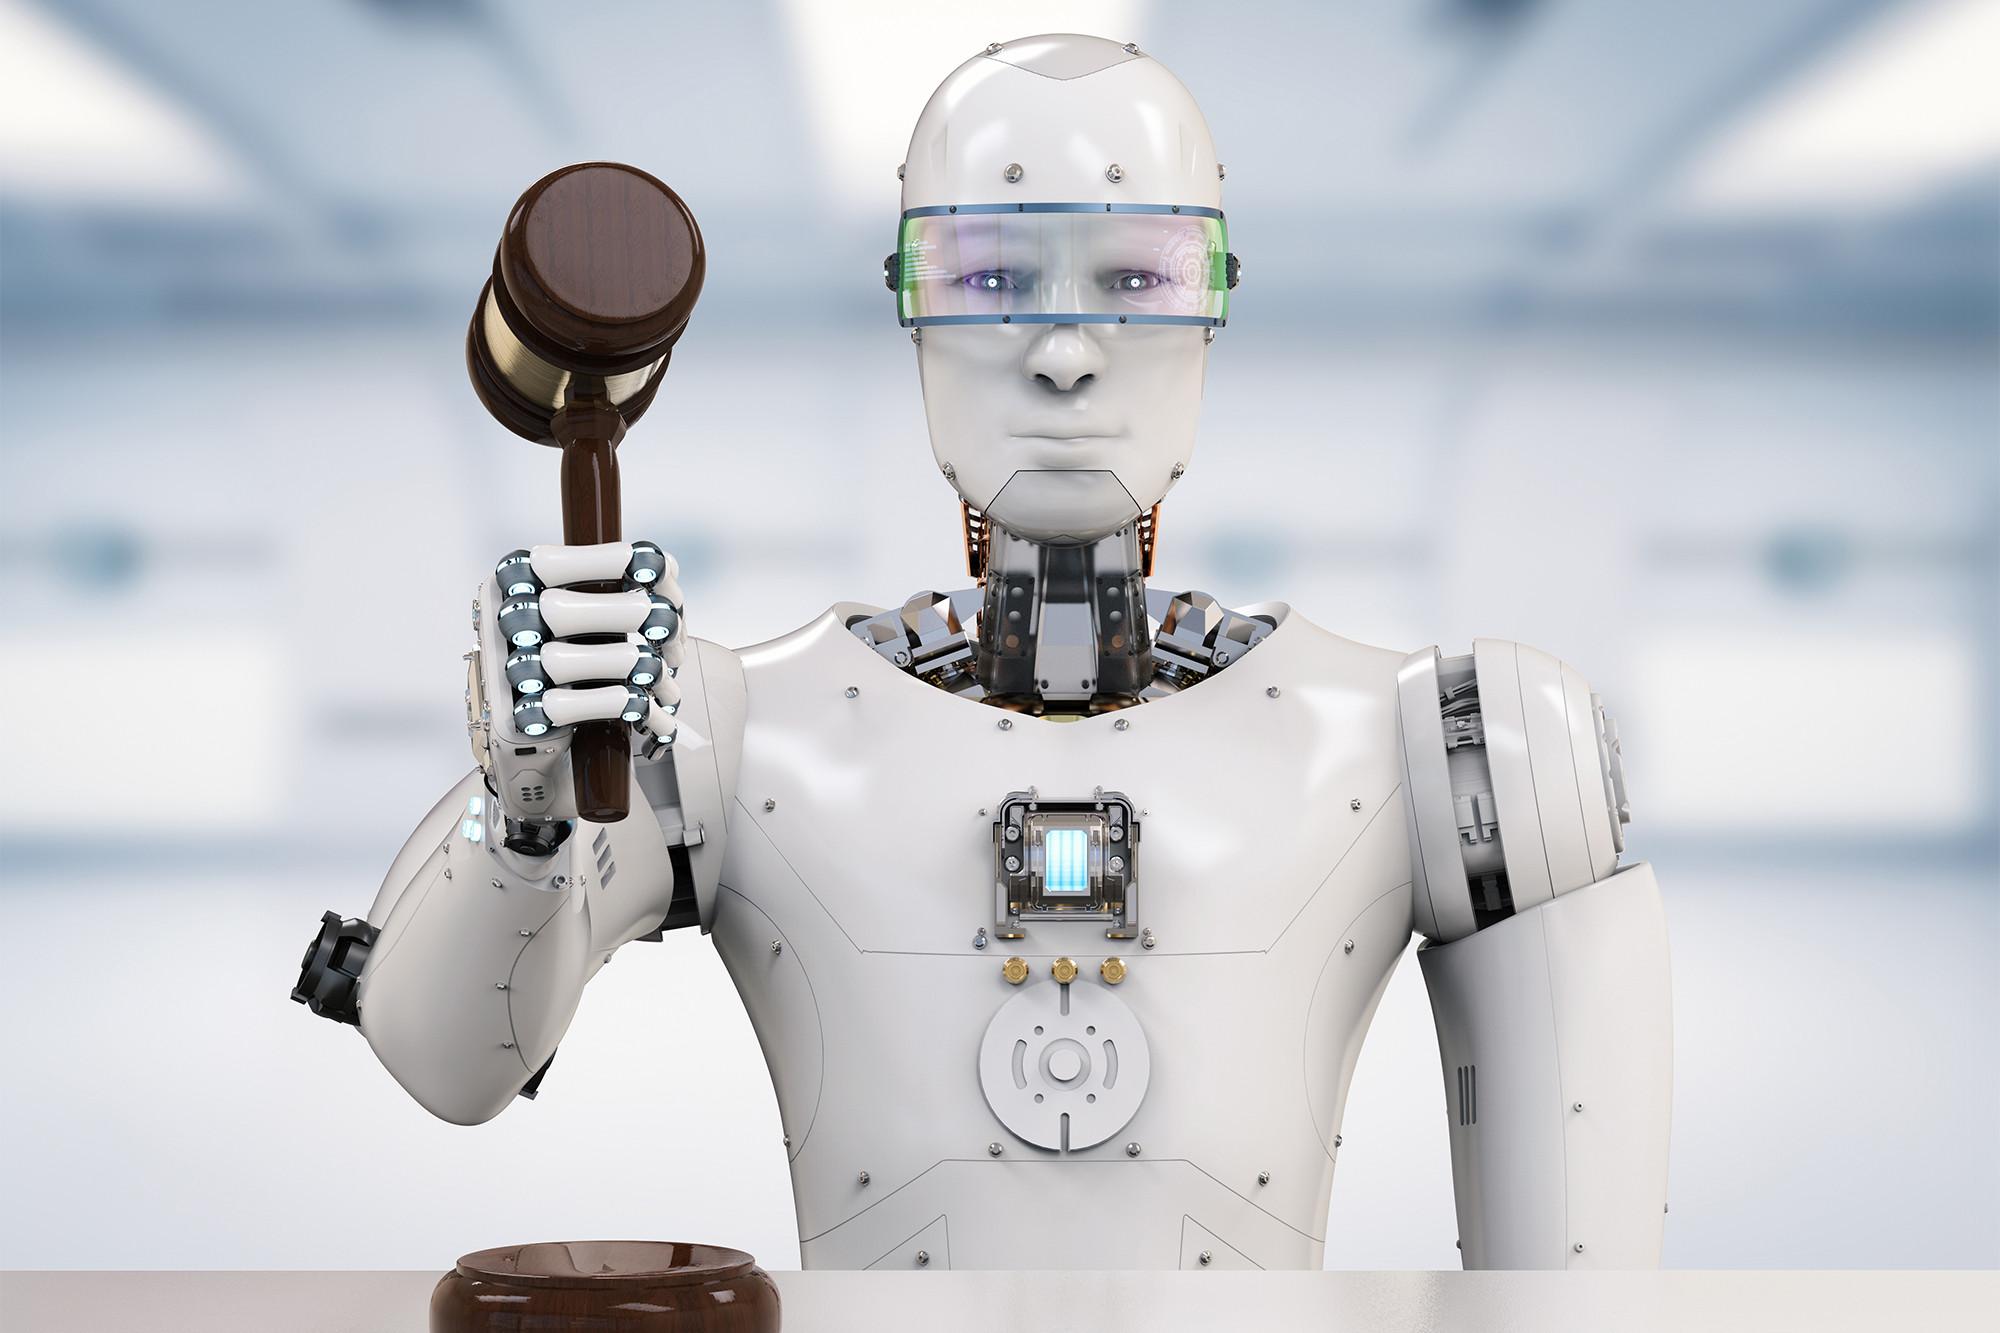 Obrázek: Revoluce v soudích síních: Robotičtí právníci soudí spravedlivěji